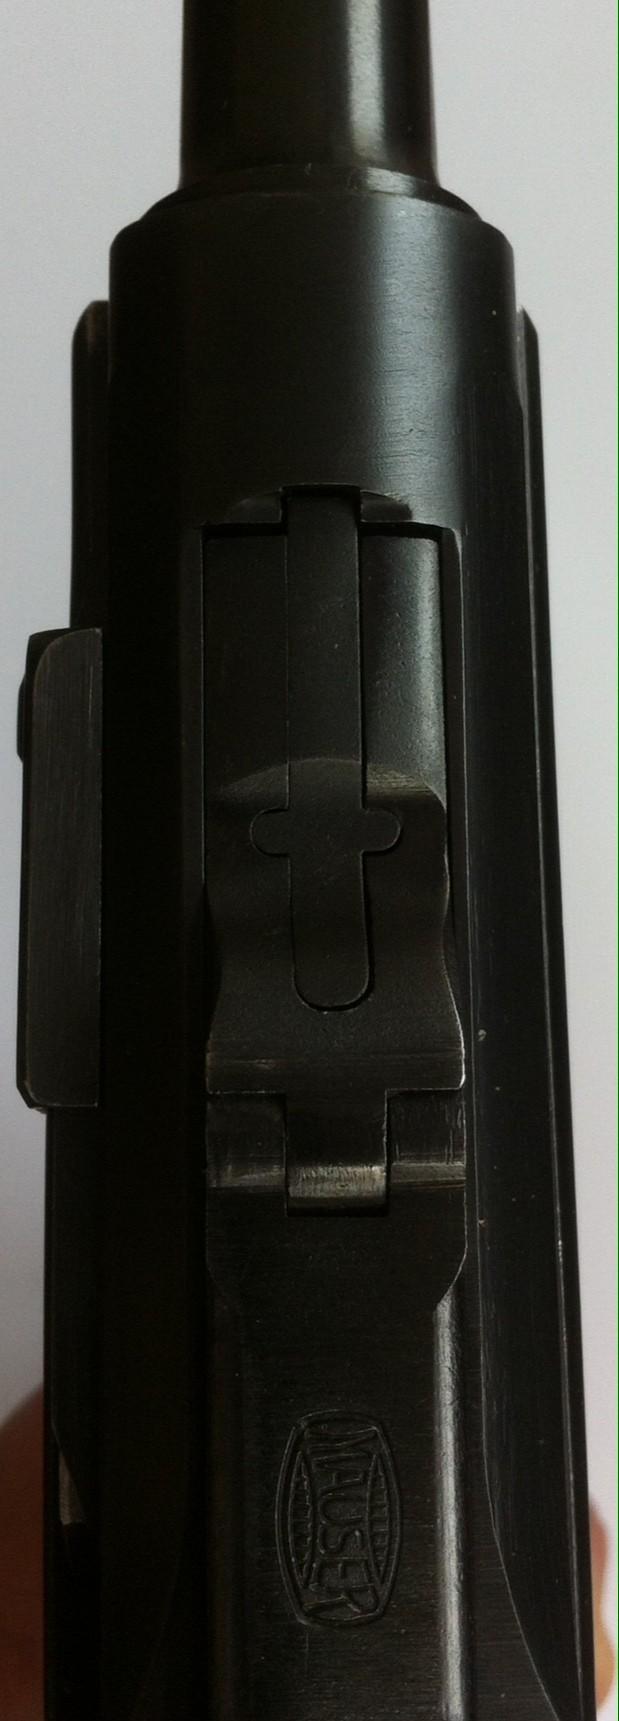 Réflexions sur la production de pistolets Luger P 08, par Mauser, en 1945-1946. - Page 2 Mauser35